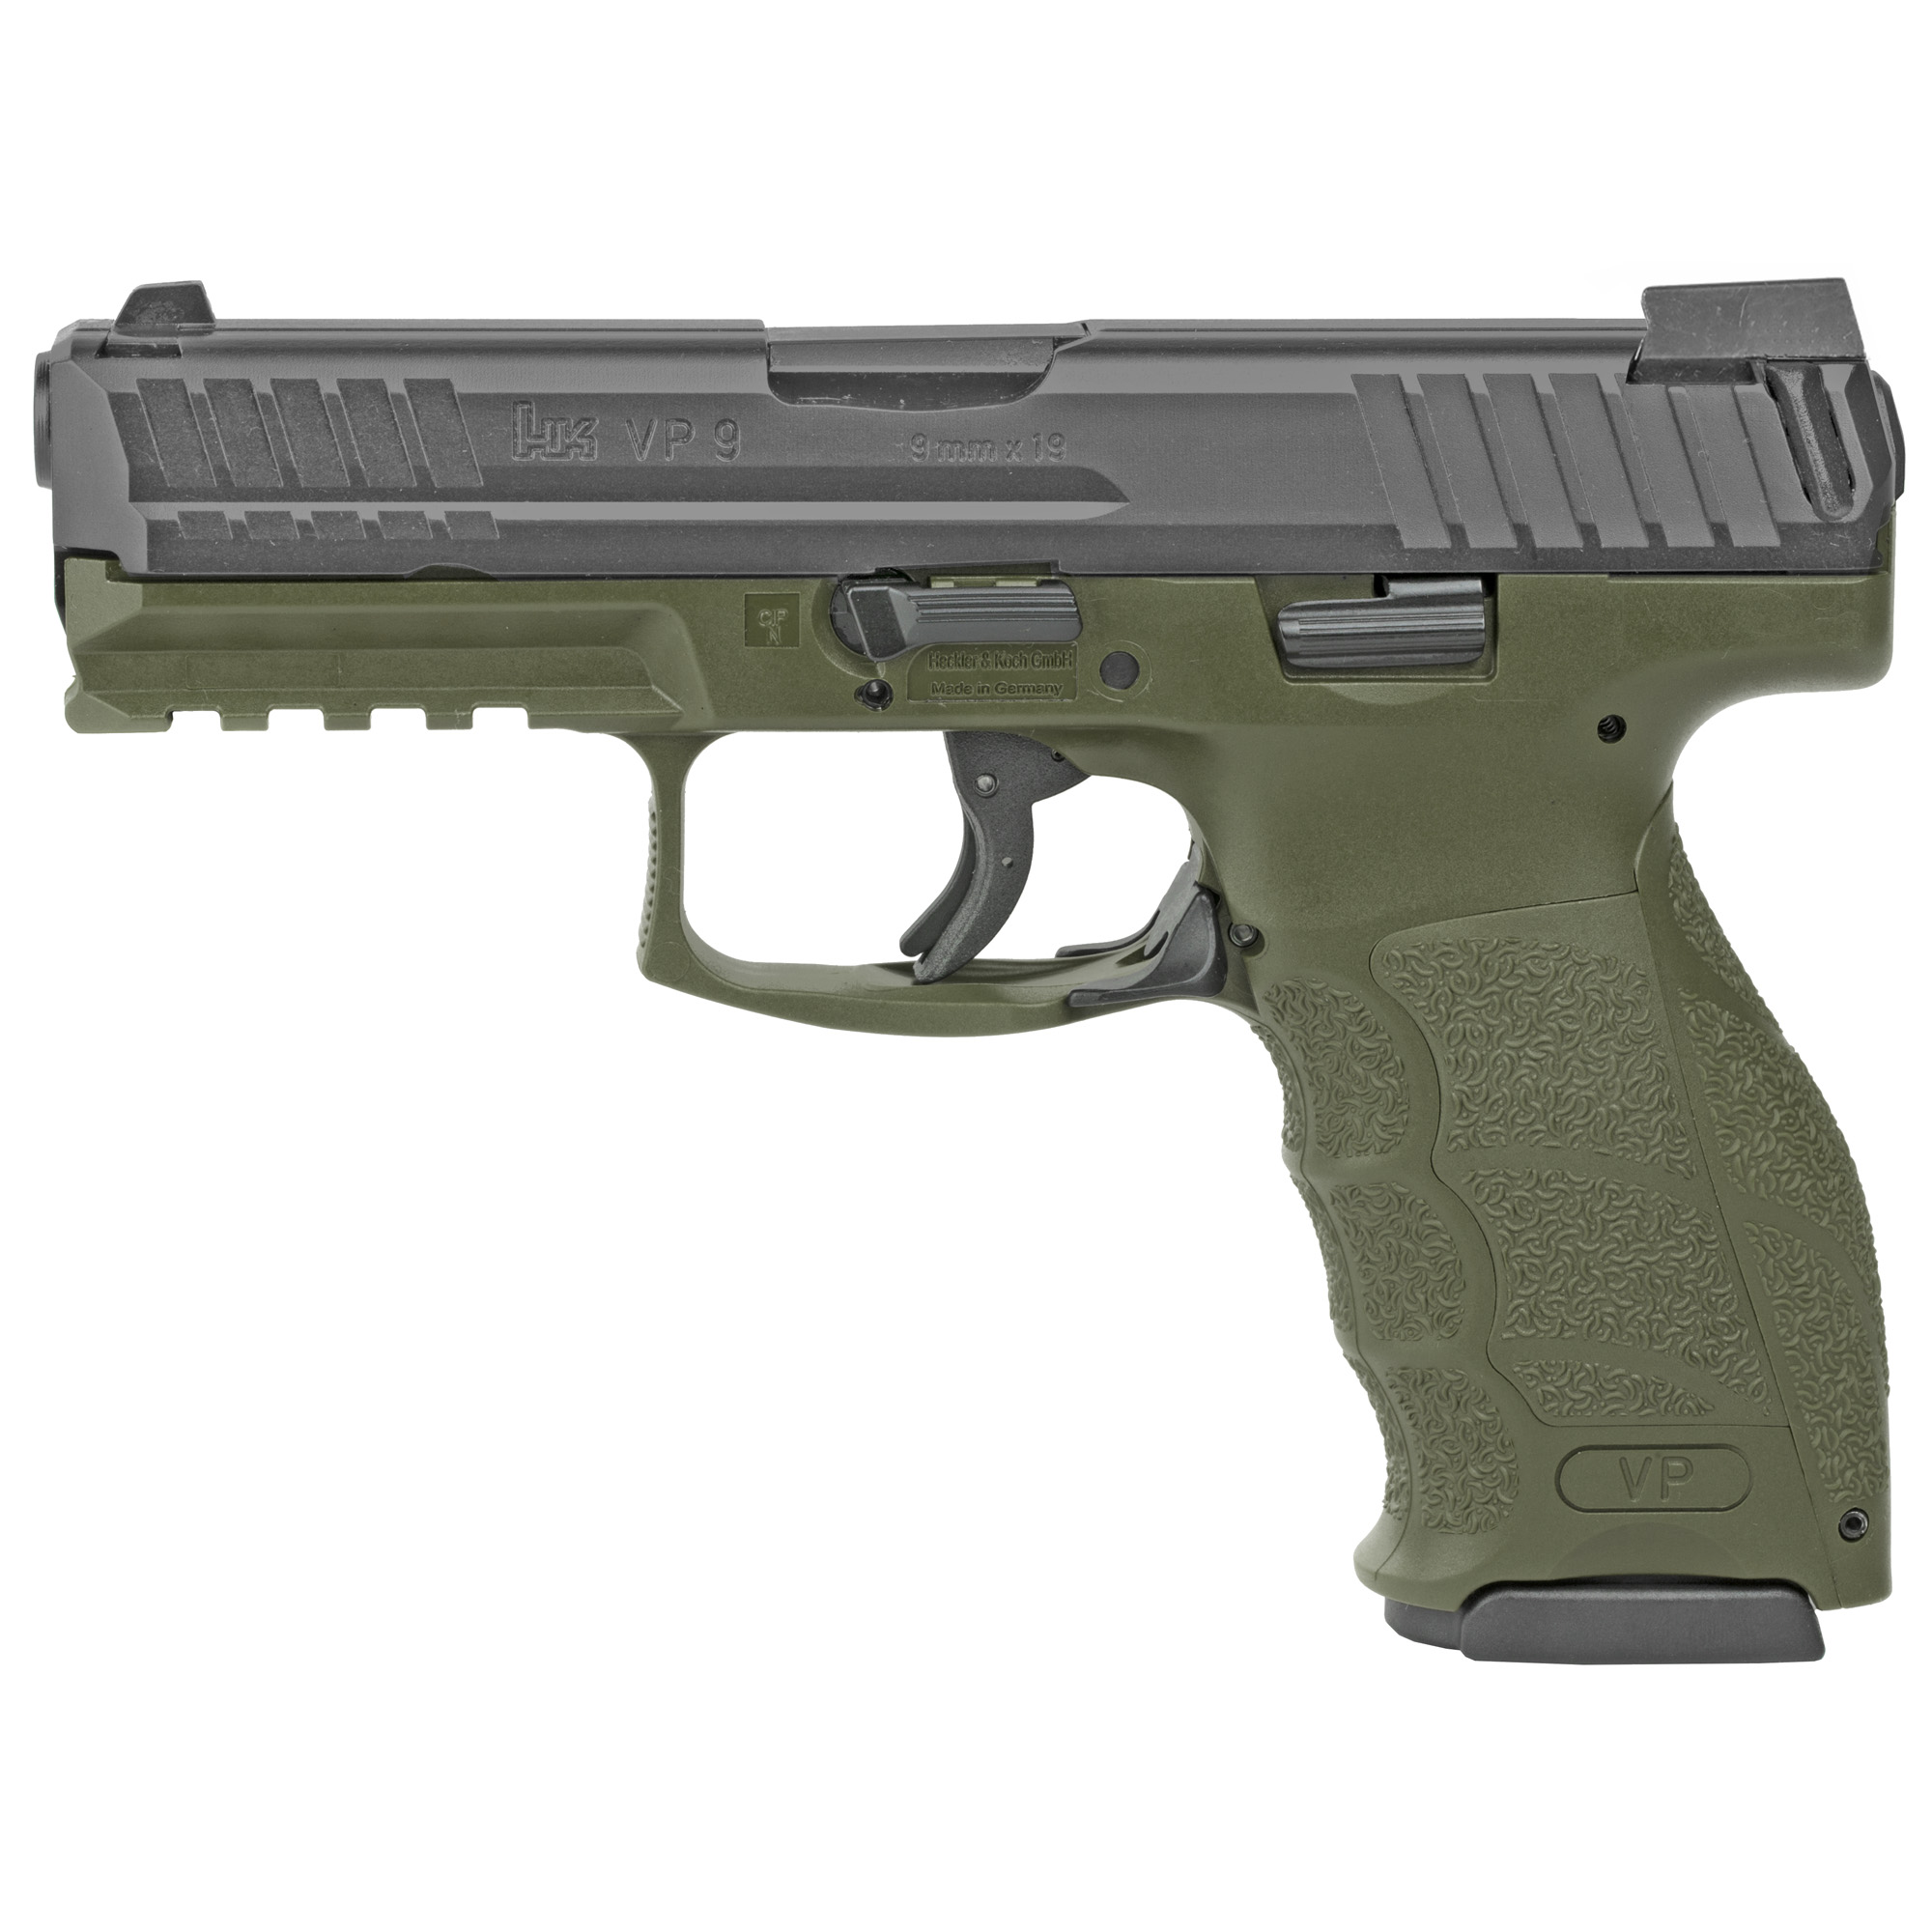 HK 81000234 VP9 9mm Luger 4.09